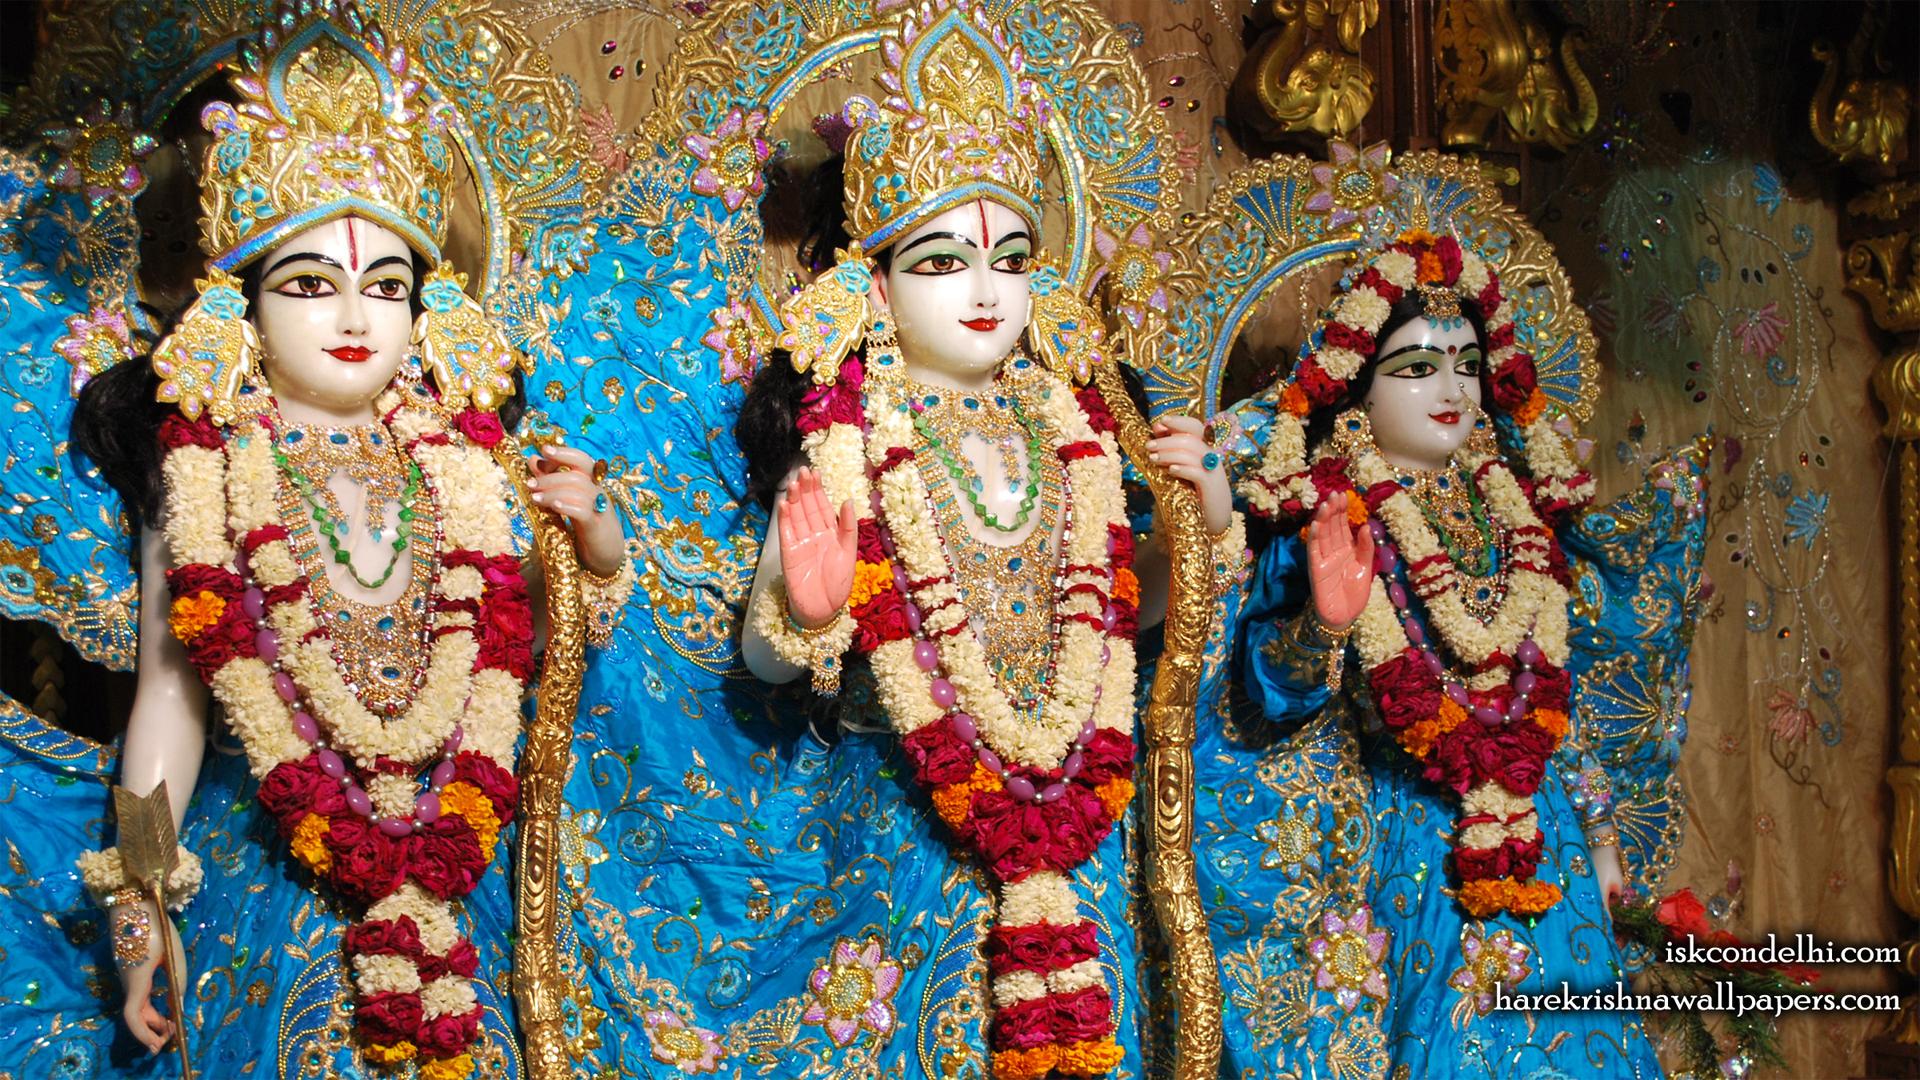 Sri Sri Sita Rama Laxman Wallpaper (009) Size 1920x1080 Download